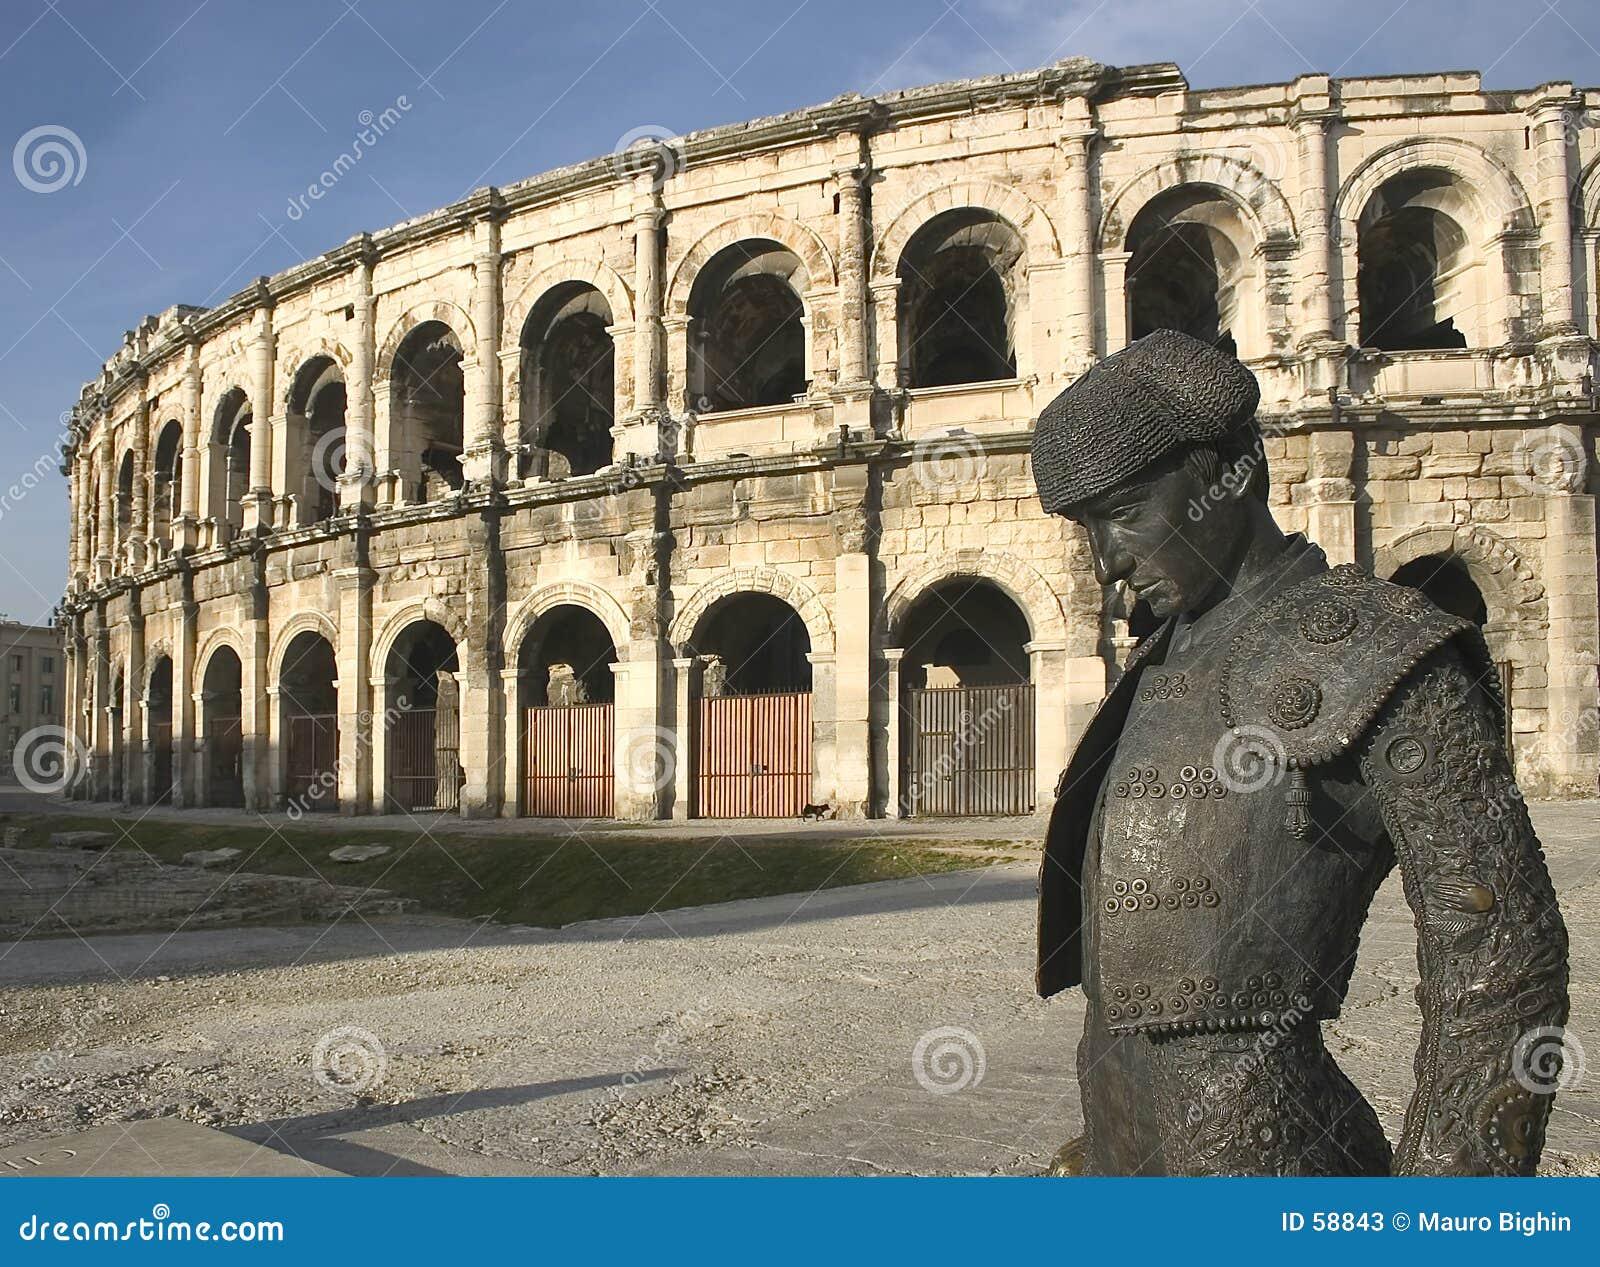 Arena romana de Nîmes (Nimes), Francia, Europa